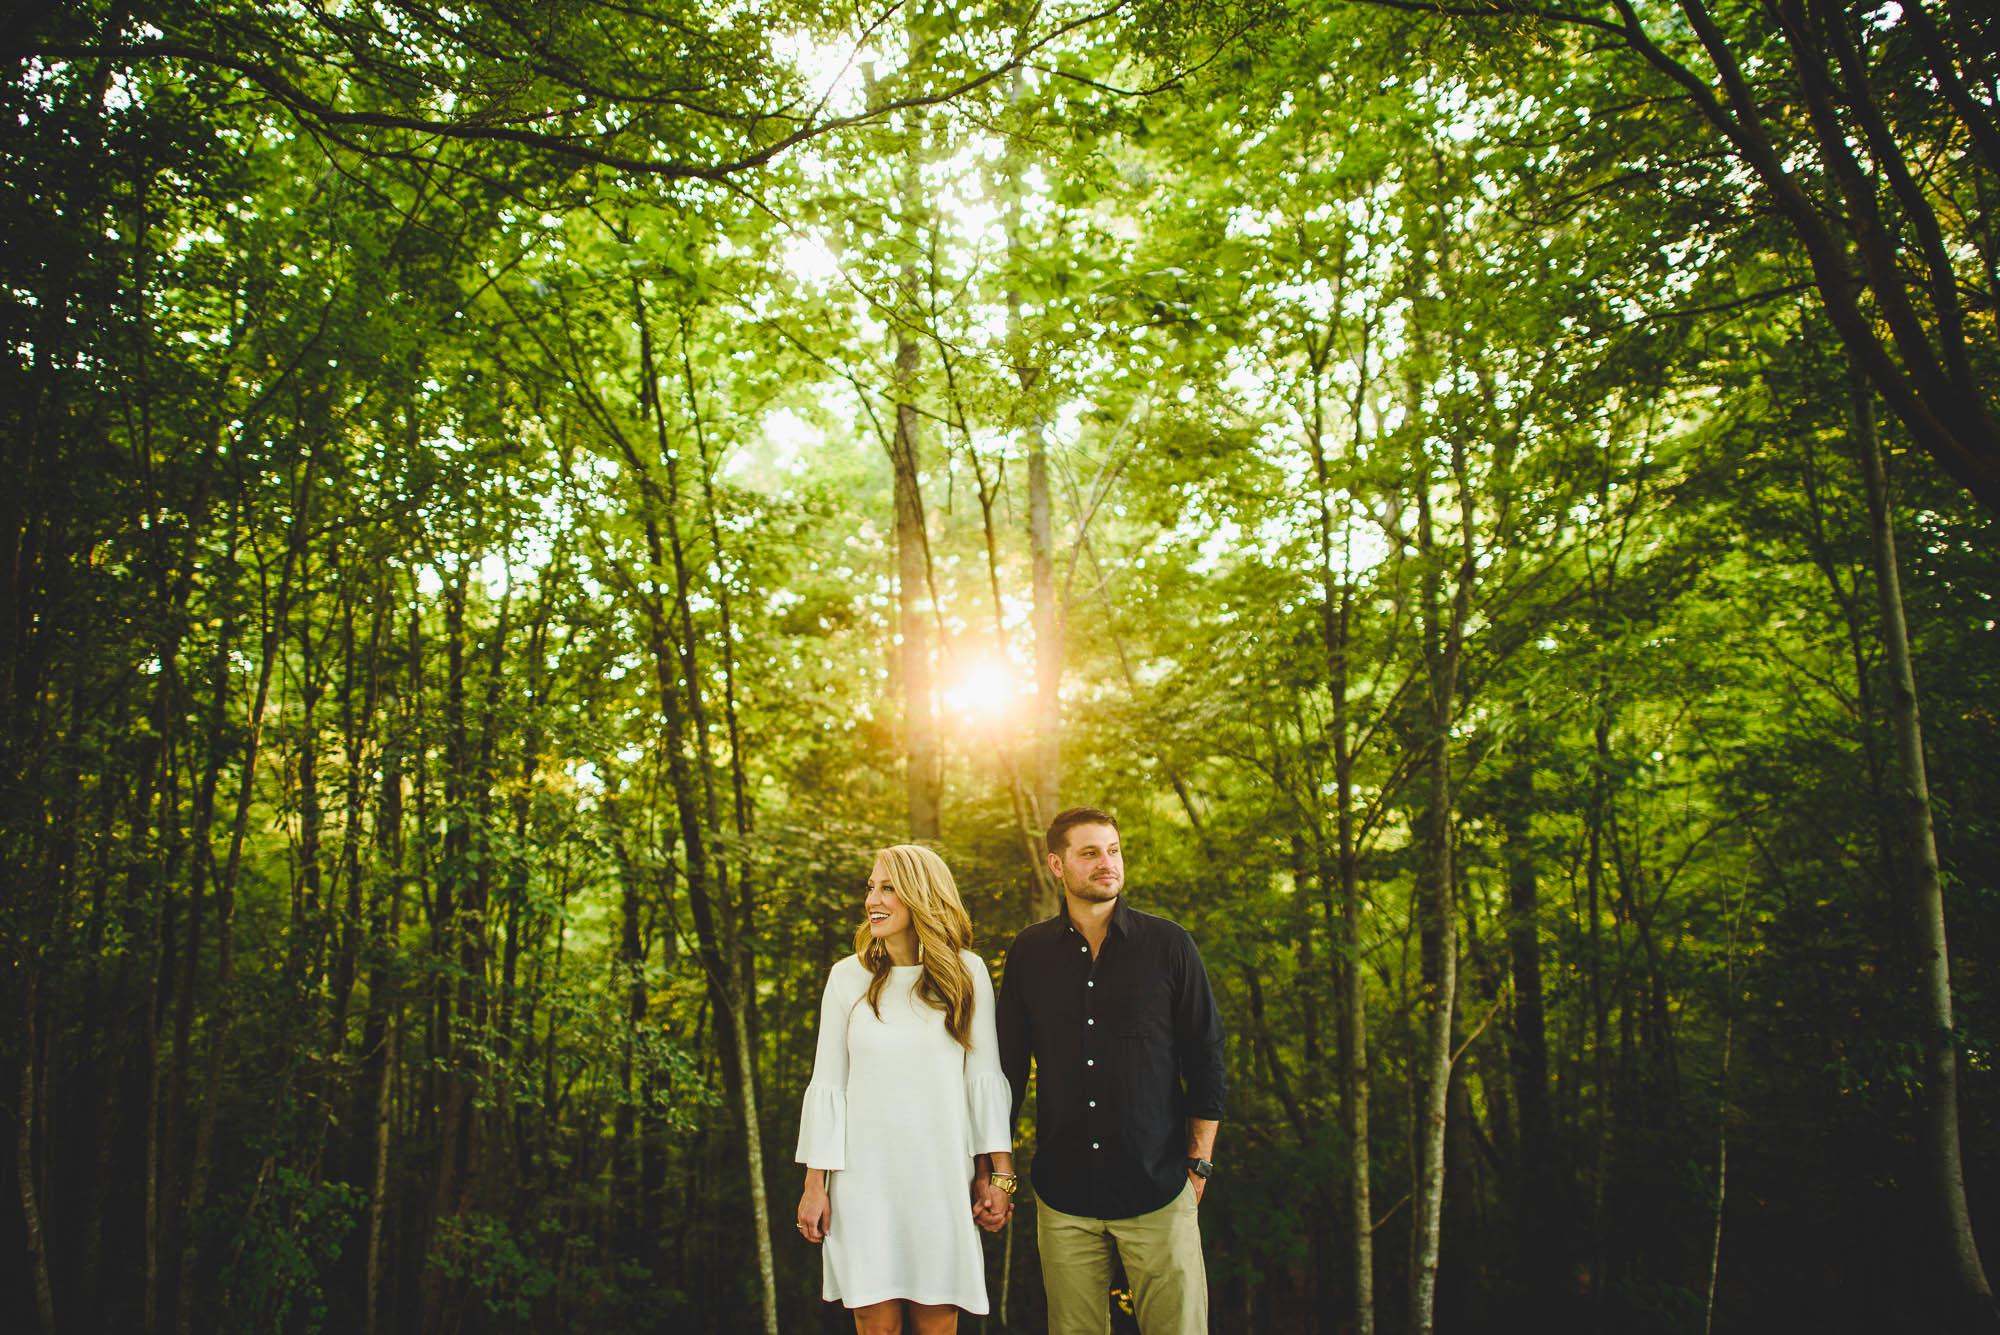 Arboretum engagement photography